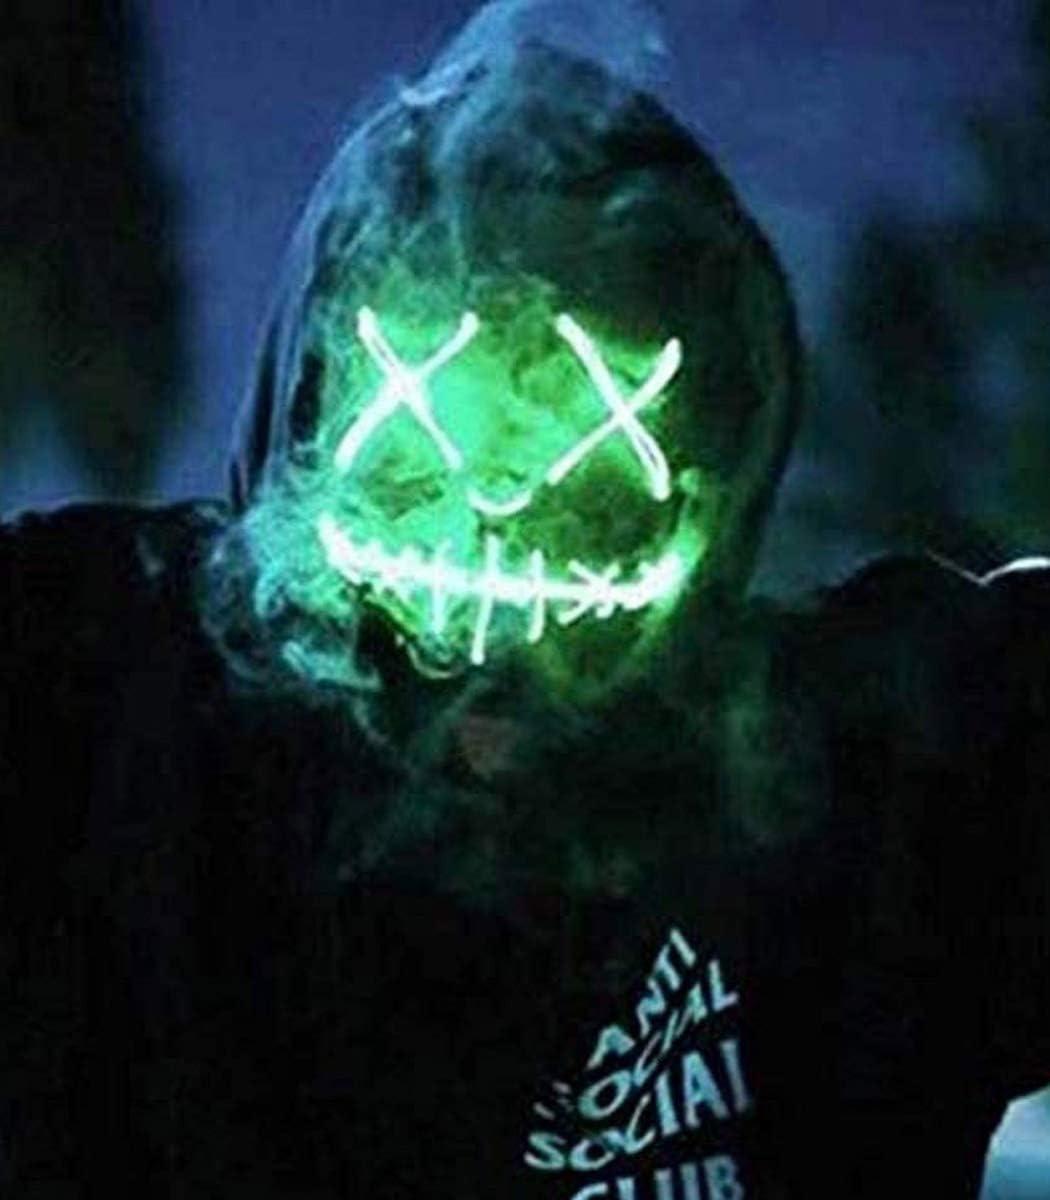 Mascaras Halloween de Terror LED M/áScara Luminosa Green Purga Grimace Mask 4 Modos de Parpadeo Controlables y Diferentes,para Decoraci/óN de Disfraces de Fiesta de Carnaval Hombres y Mujeres